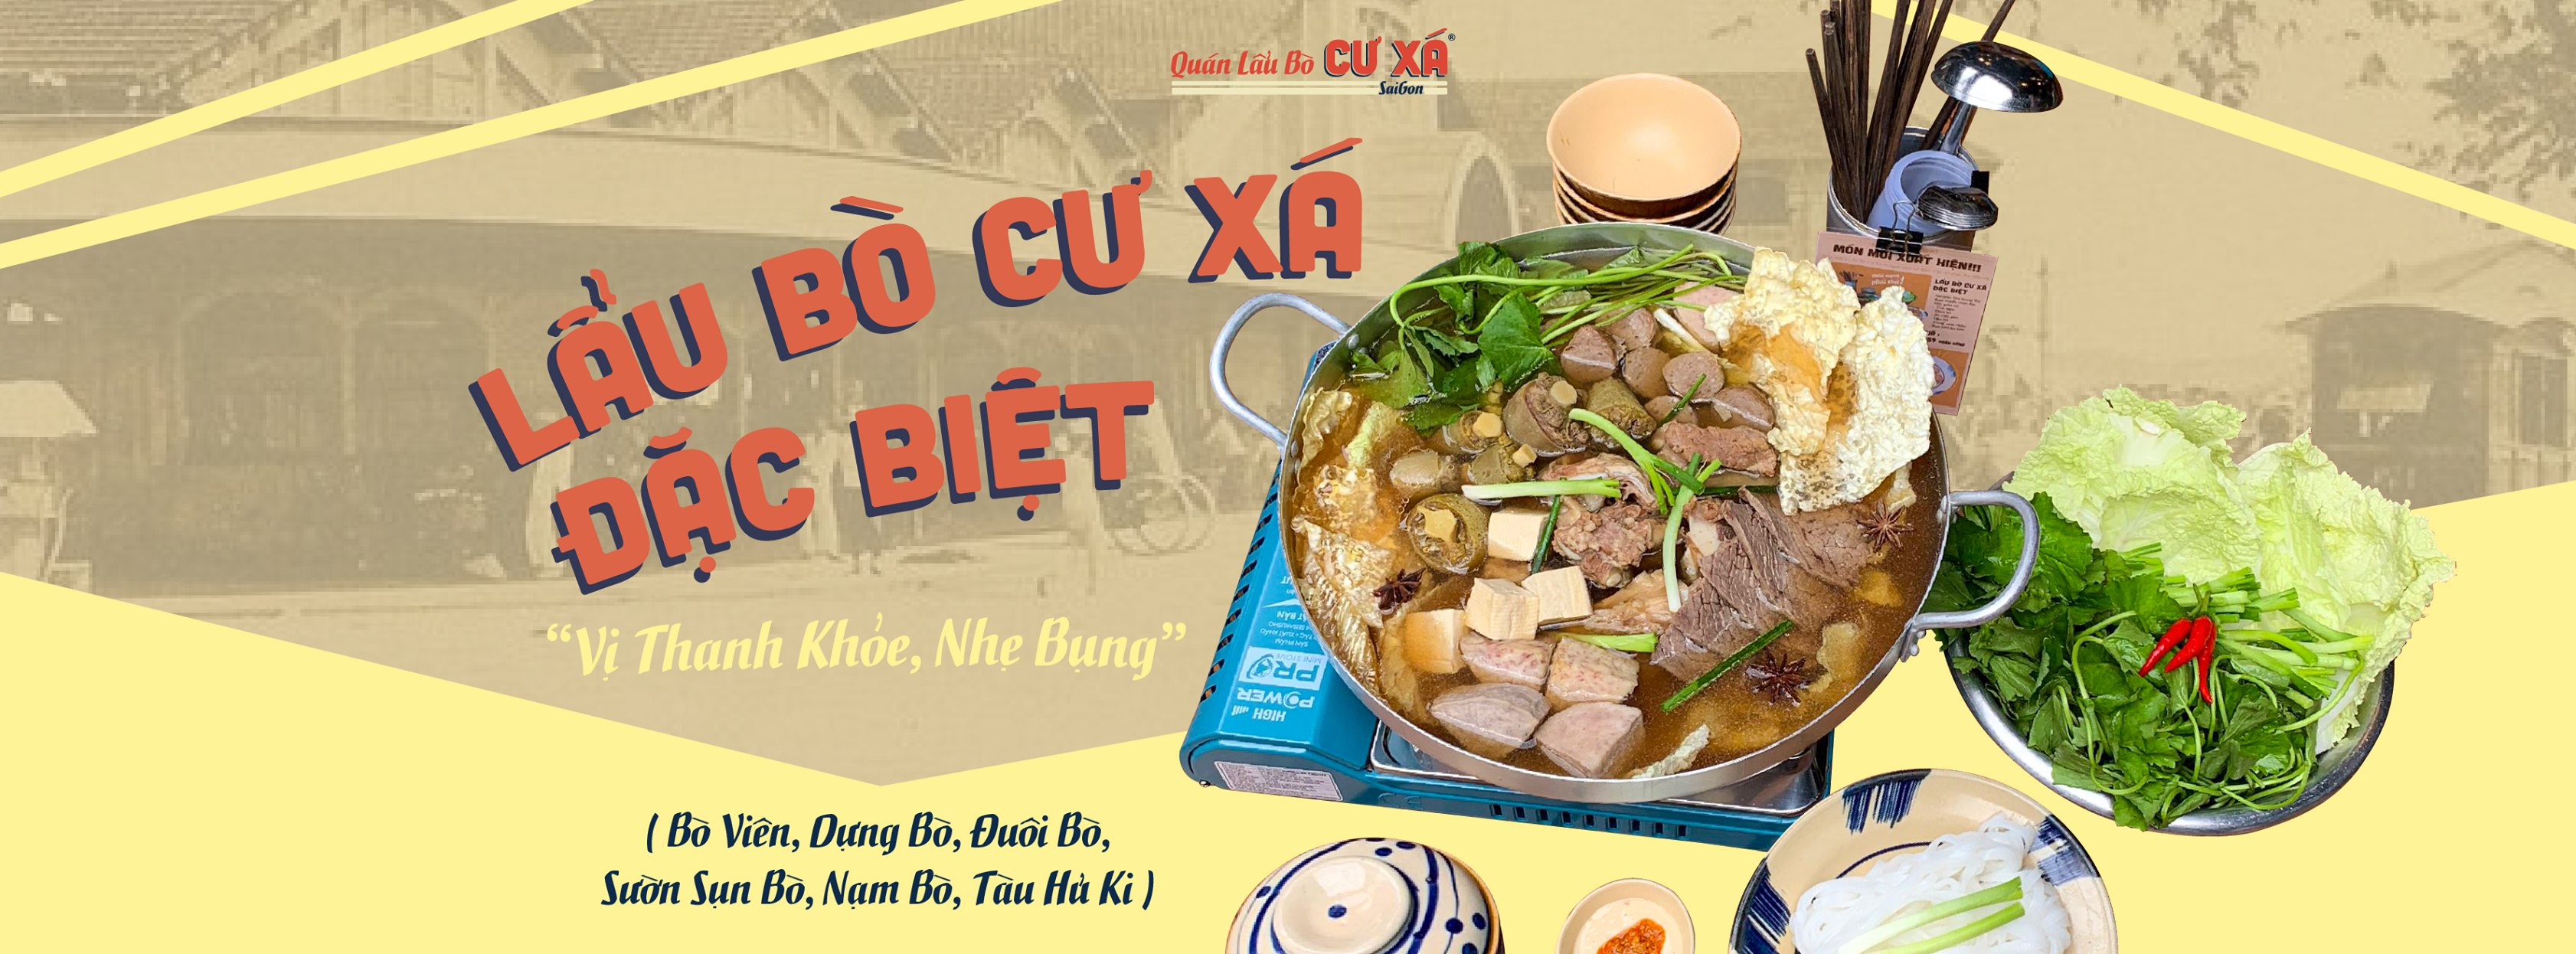 """Lẩu bò Cư Xá """"ngon từ thịt, ngọt từ xương"""" đậm chất retro ở Sài Gòn 5"""